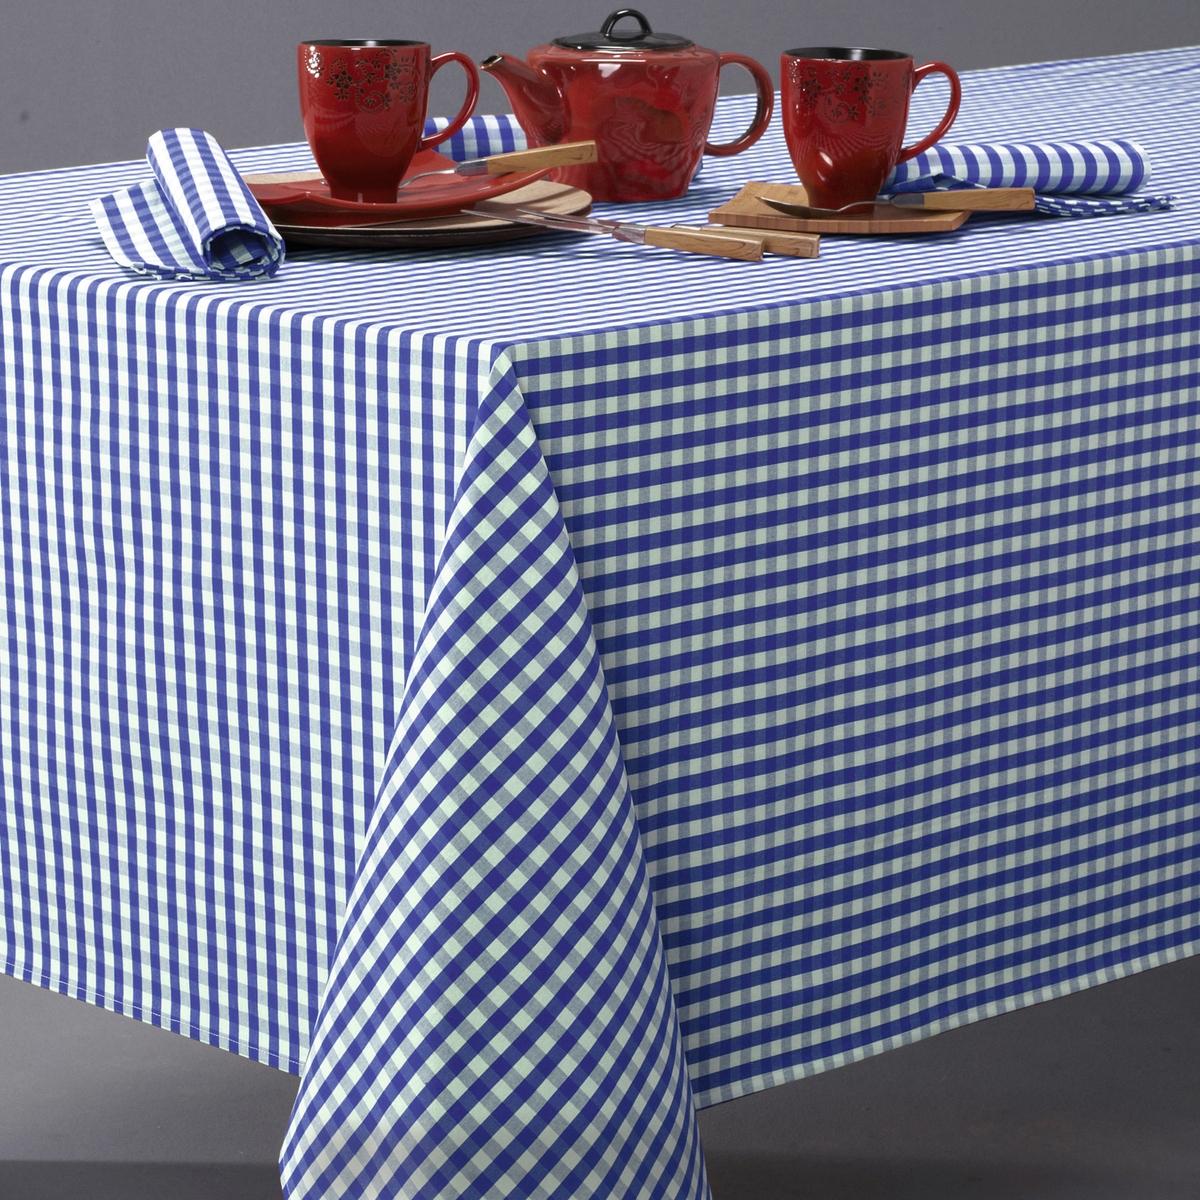 Скатерть в клетку виши, 100% хлопок с окрашенными волокнами, GARDEN PARTYВсегда модный рисунок в деревенском стиле, 3 цвета, для повседневного использования ! Машинная стирка при 40 °С.Текстиль для столовой, 100% хлопок с окрашенными волокнами : гарантия качества и долговечности.<br><br>Цвет: синий/ белый<br>Размер: 150 x 250  см